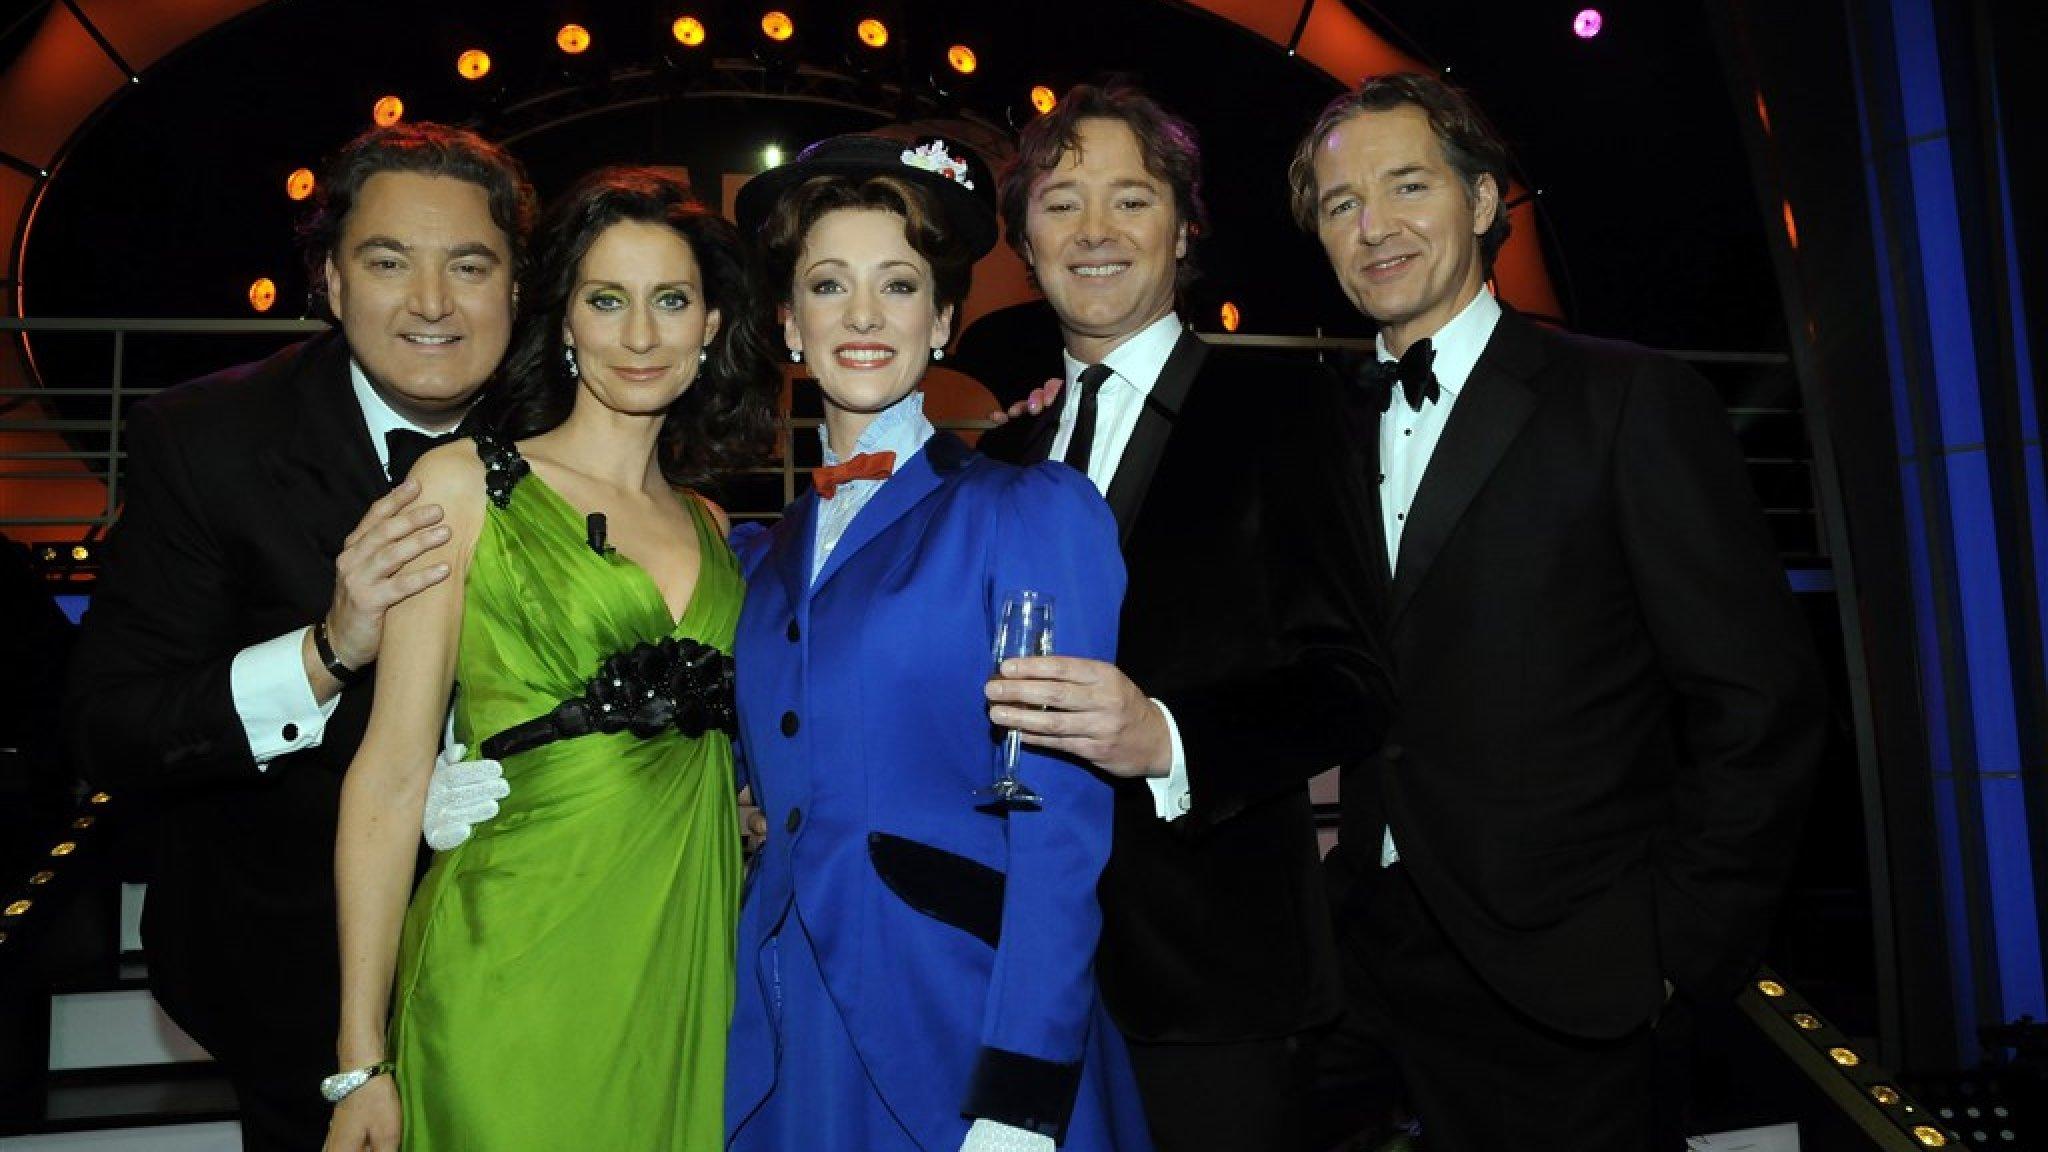 Déze grote talenten werden ontdekt in programma Op Zoek Naar.. - RTL Boulevard